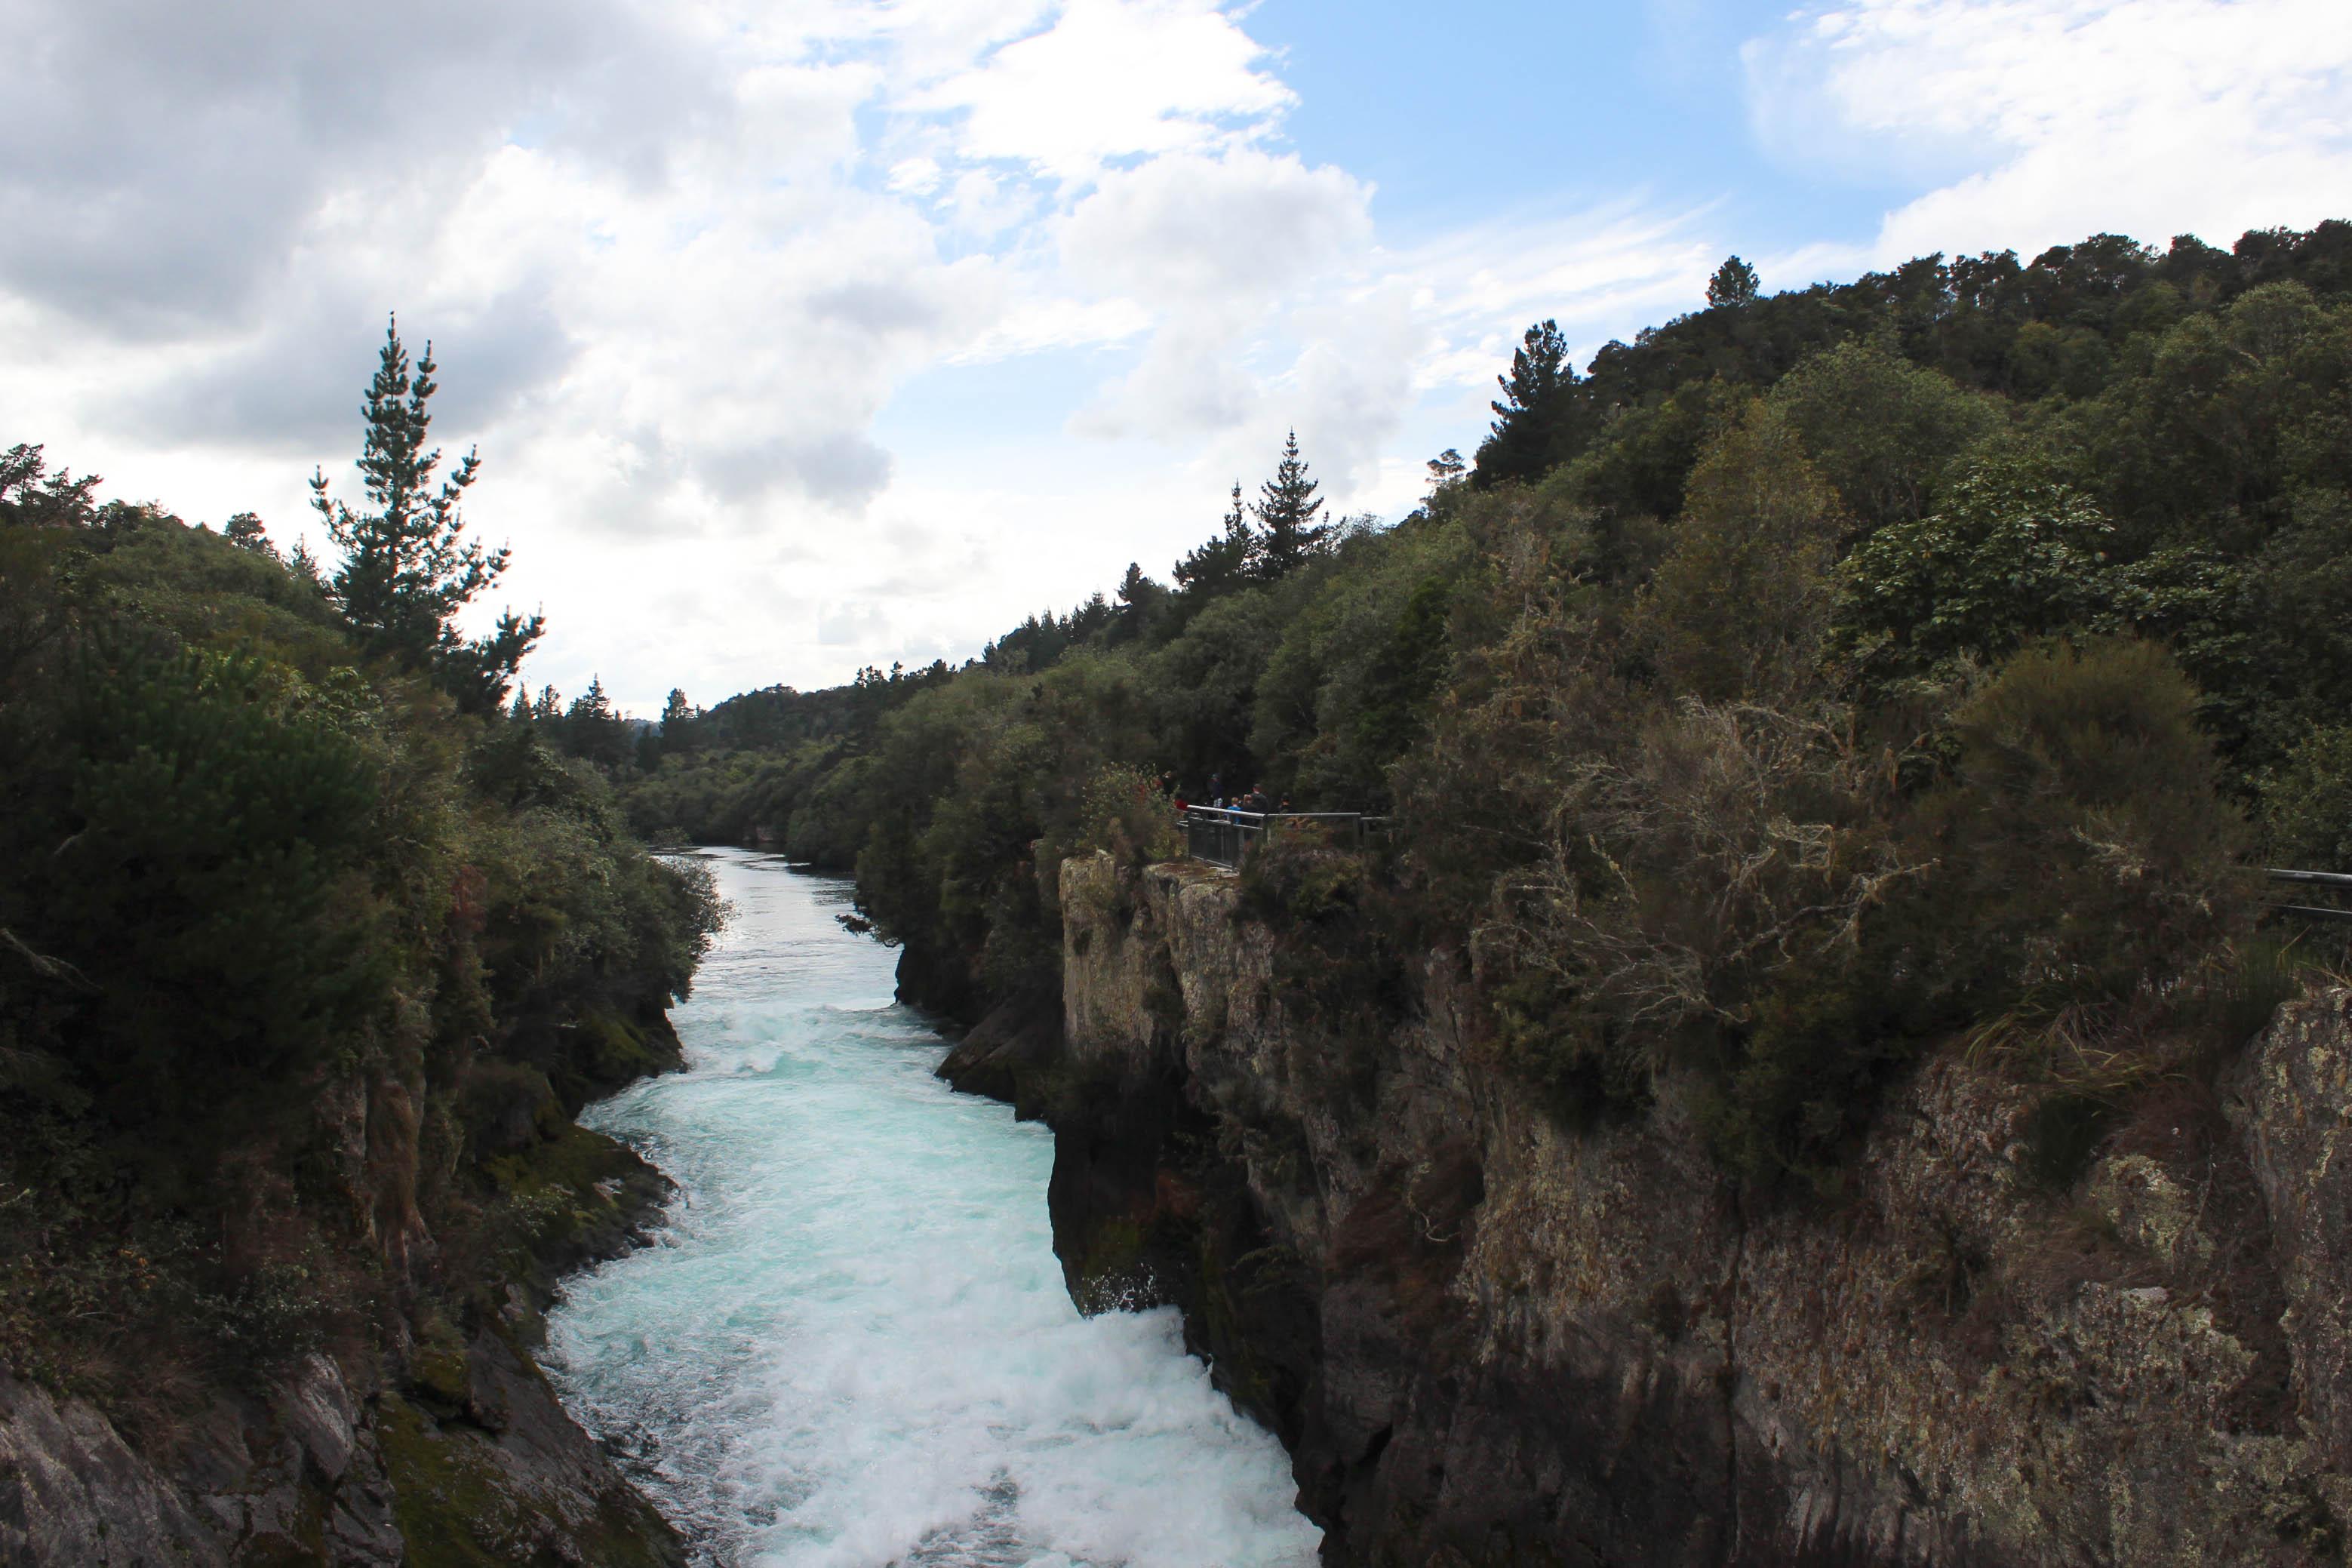 Nouvelle Zélande - Huka falls et lac taupo - Les lubies de louise (3 sur 18)